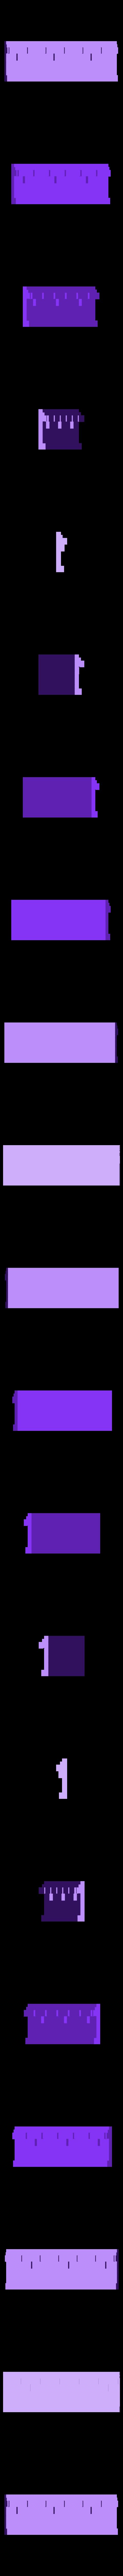 wall_top1.stl Télécharger fichier STL gratuit Ripper's London - The (Modular) Factory • Modèle pour imprimante 3D, Earsling